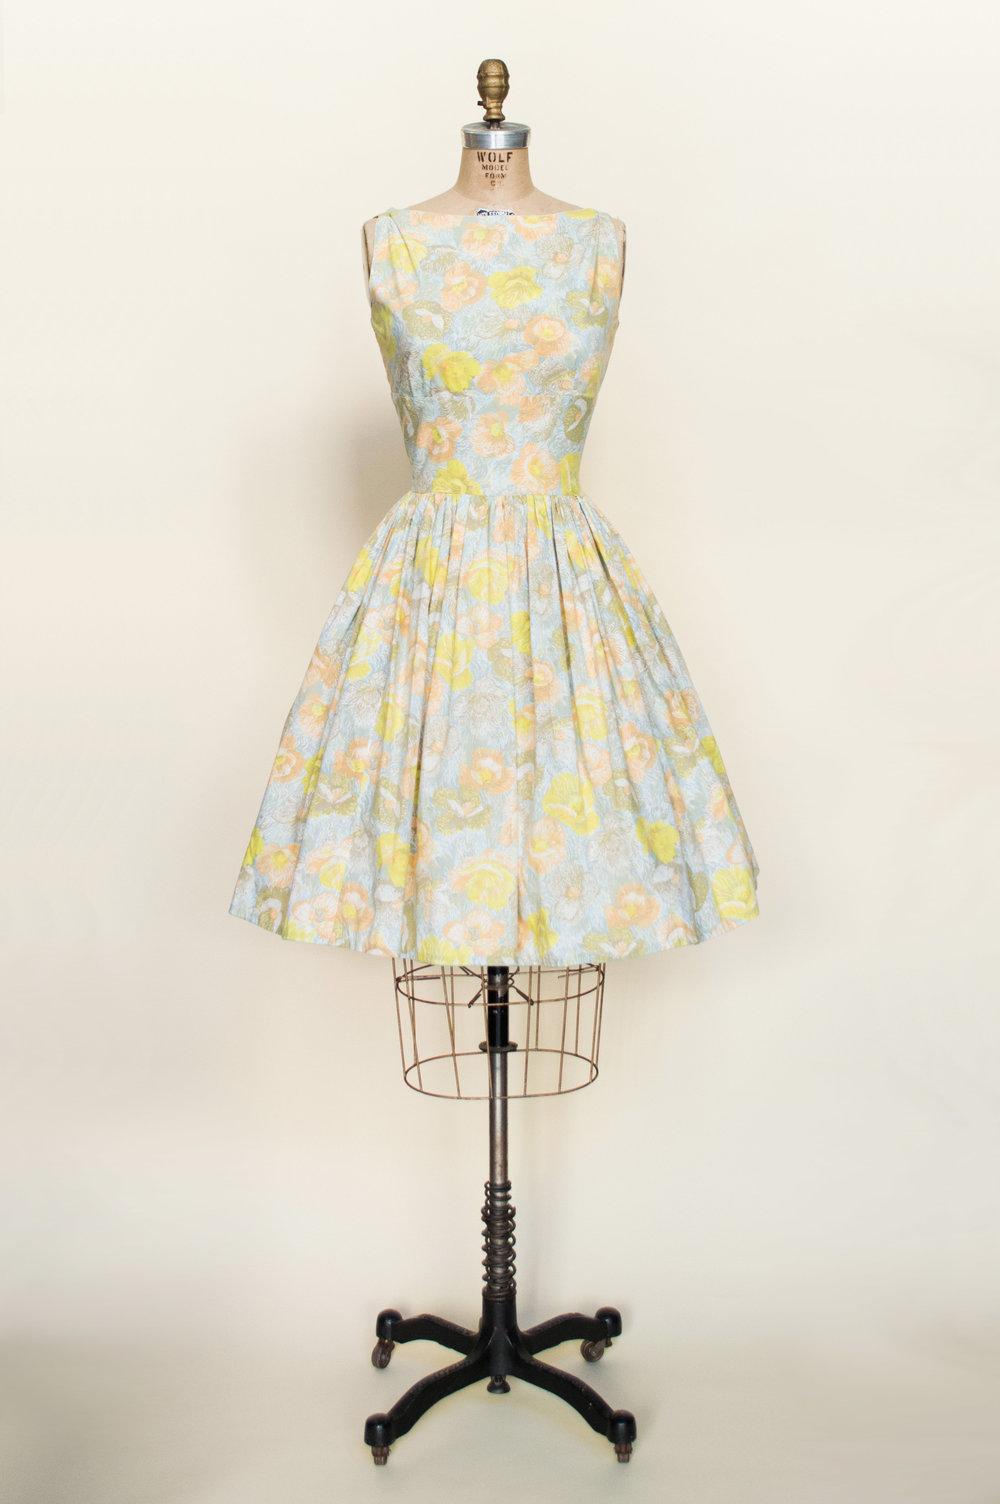 Vintage 1950's day dress from vintage clothing shop, Dalena Vintage.